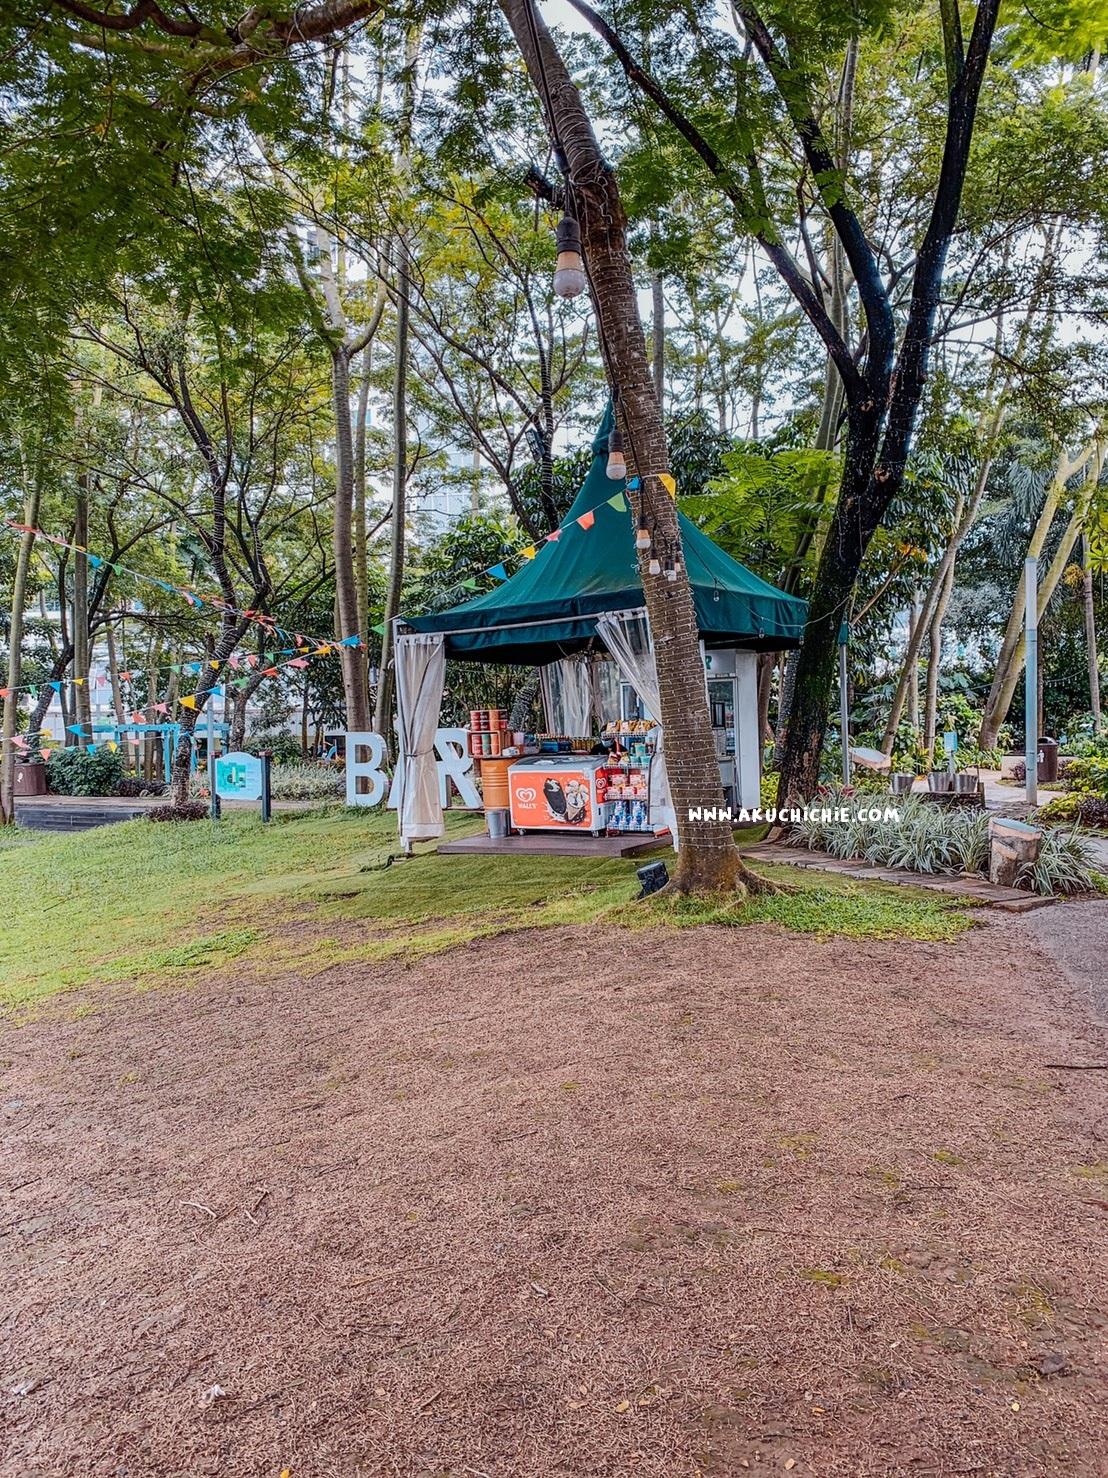 bermain ke scientia square park saat pandemi